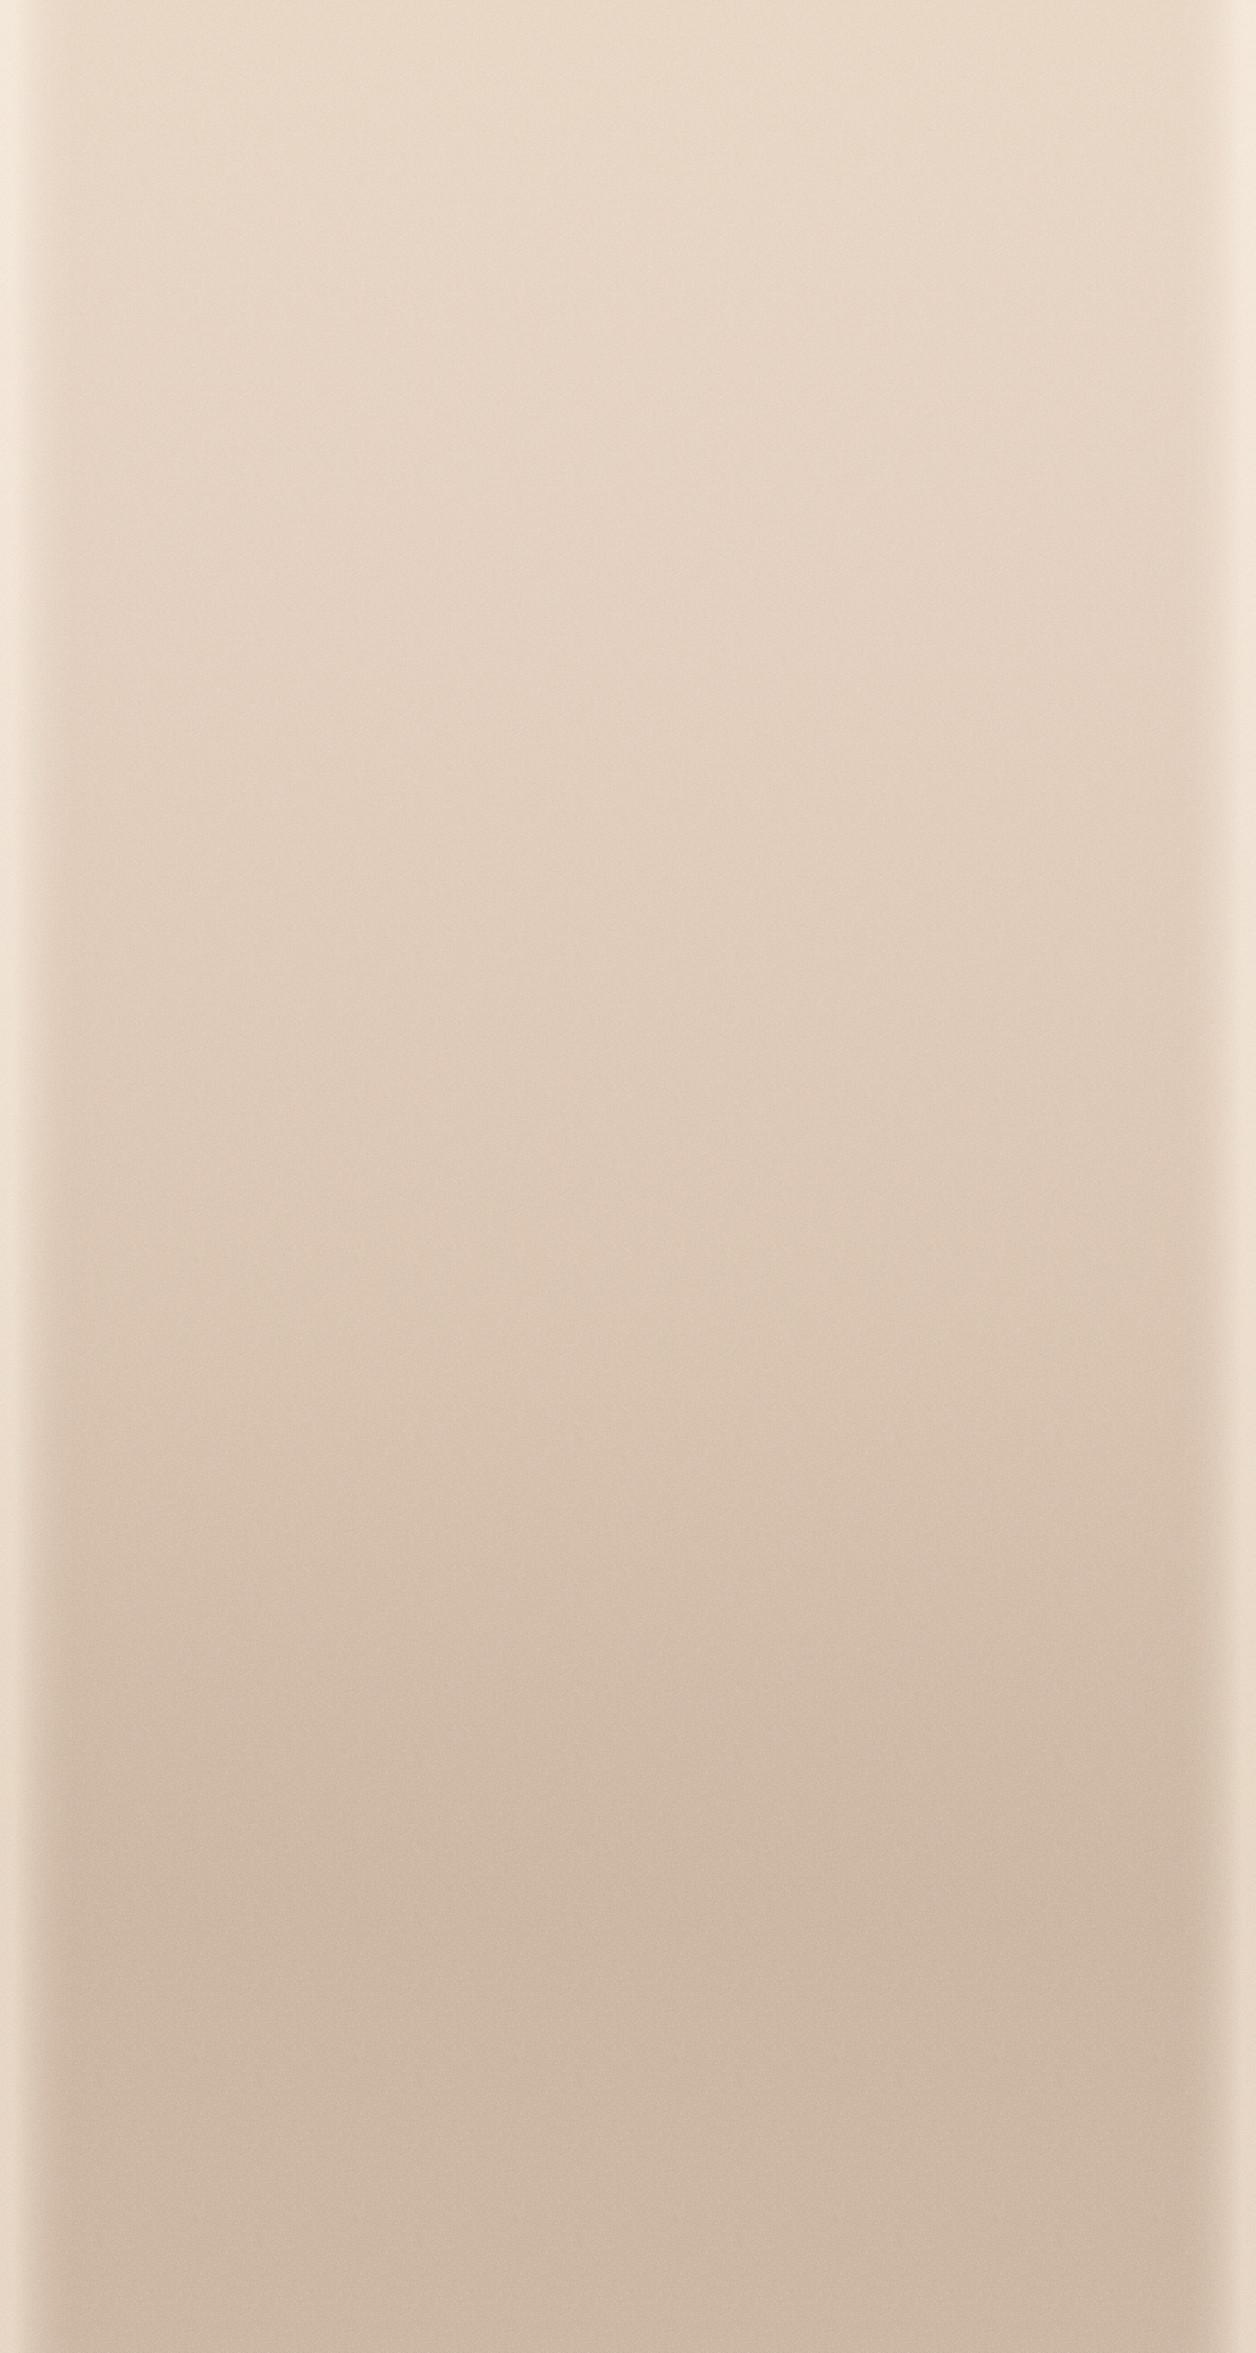 Gold: iPhone 6 Plus; …